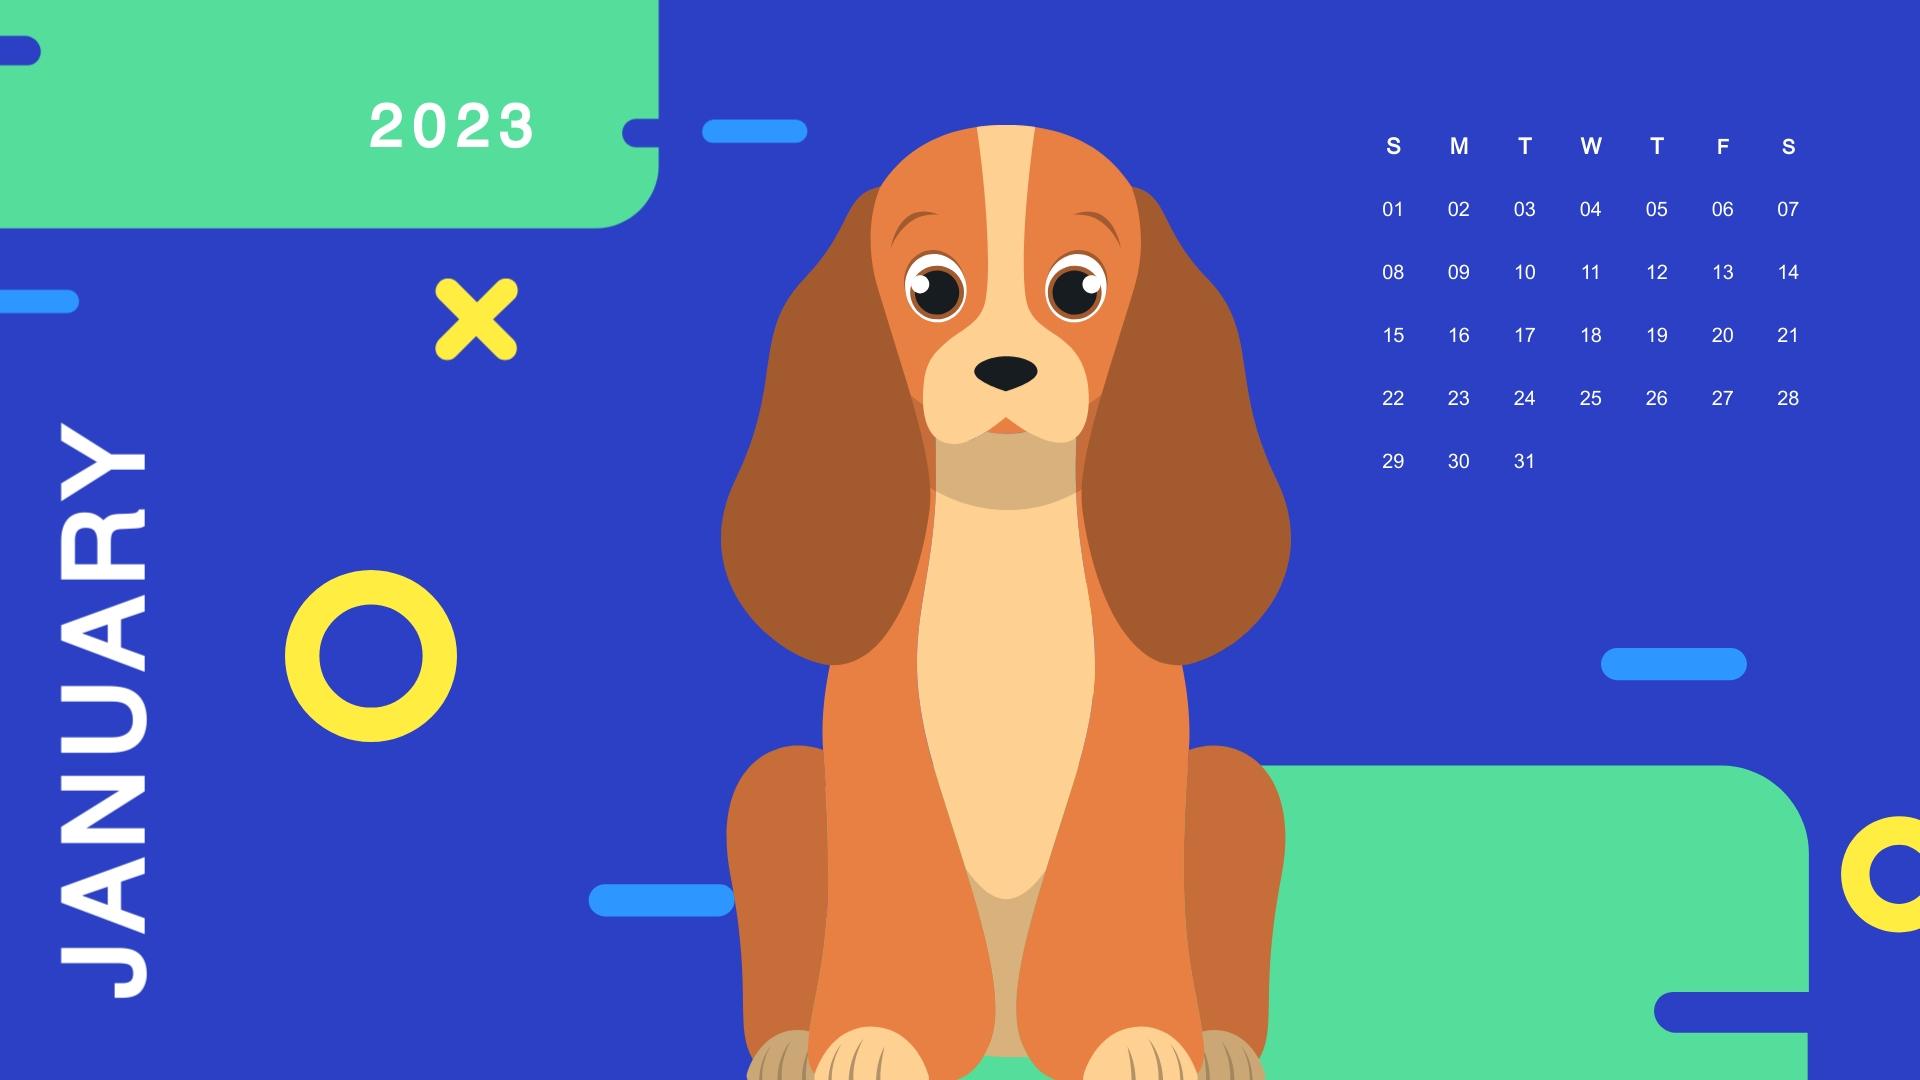 Puppies - Calendar Template